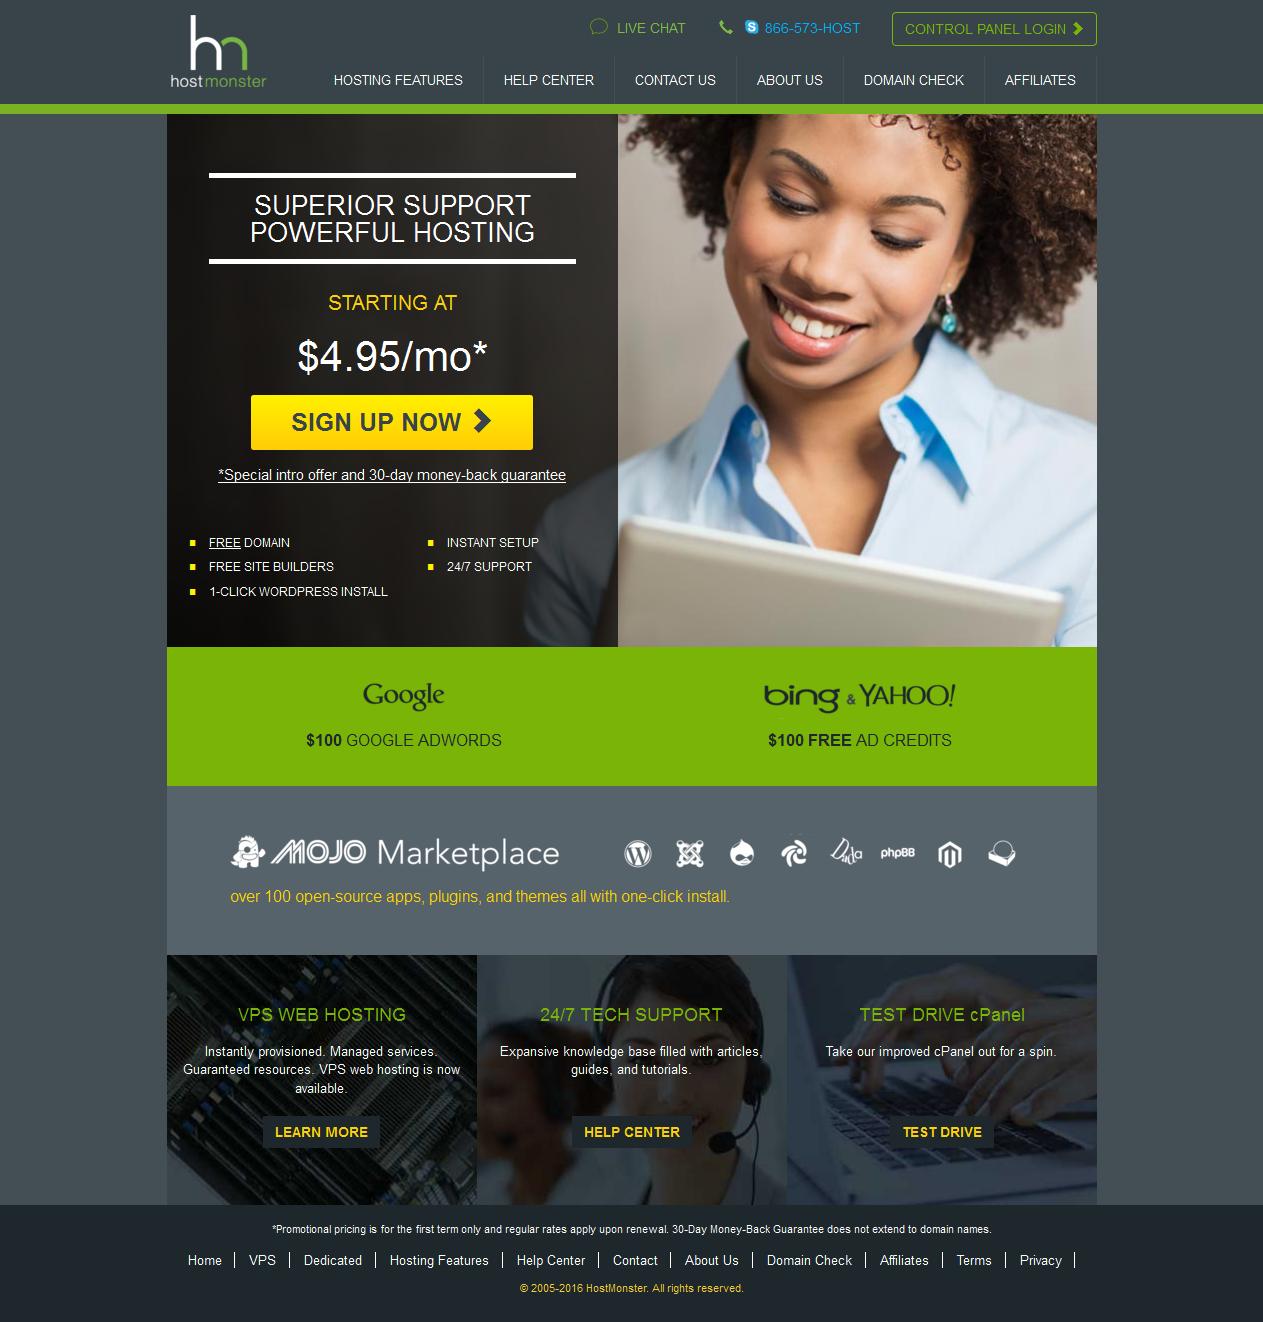 Hostmonstor Professional Web Hosting from HostMonster